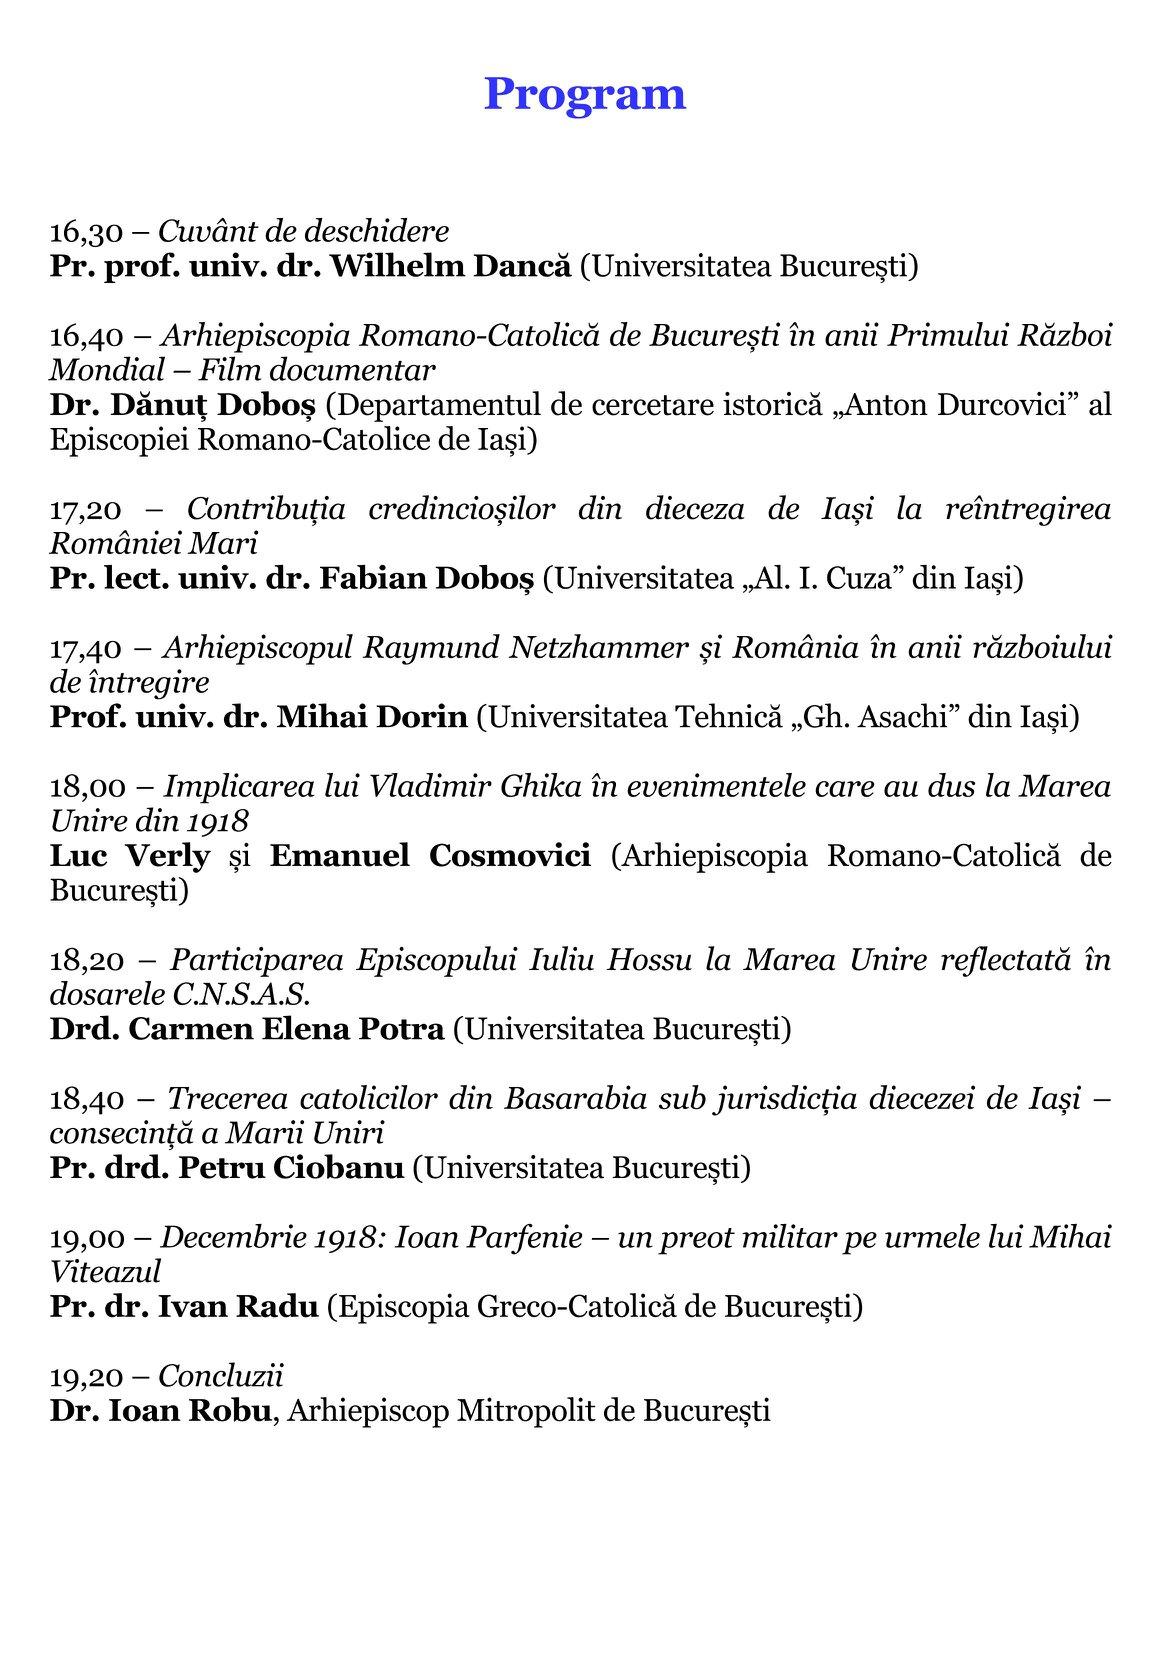 Un simpozion national pe tema Contribuții catolice la realizarea Marii Uniri